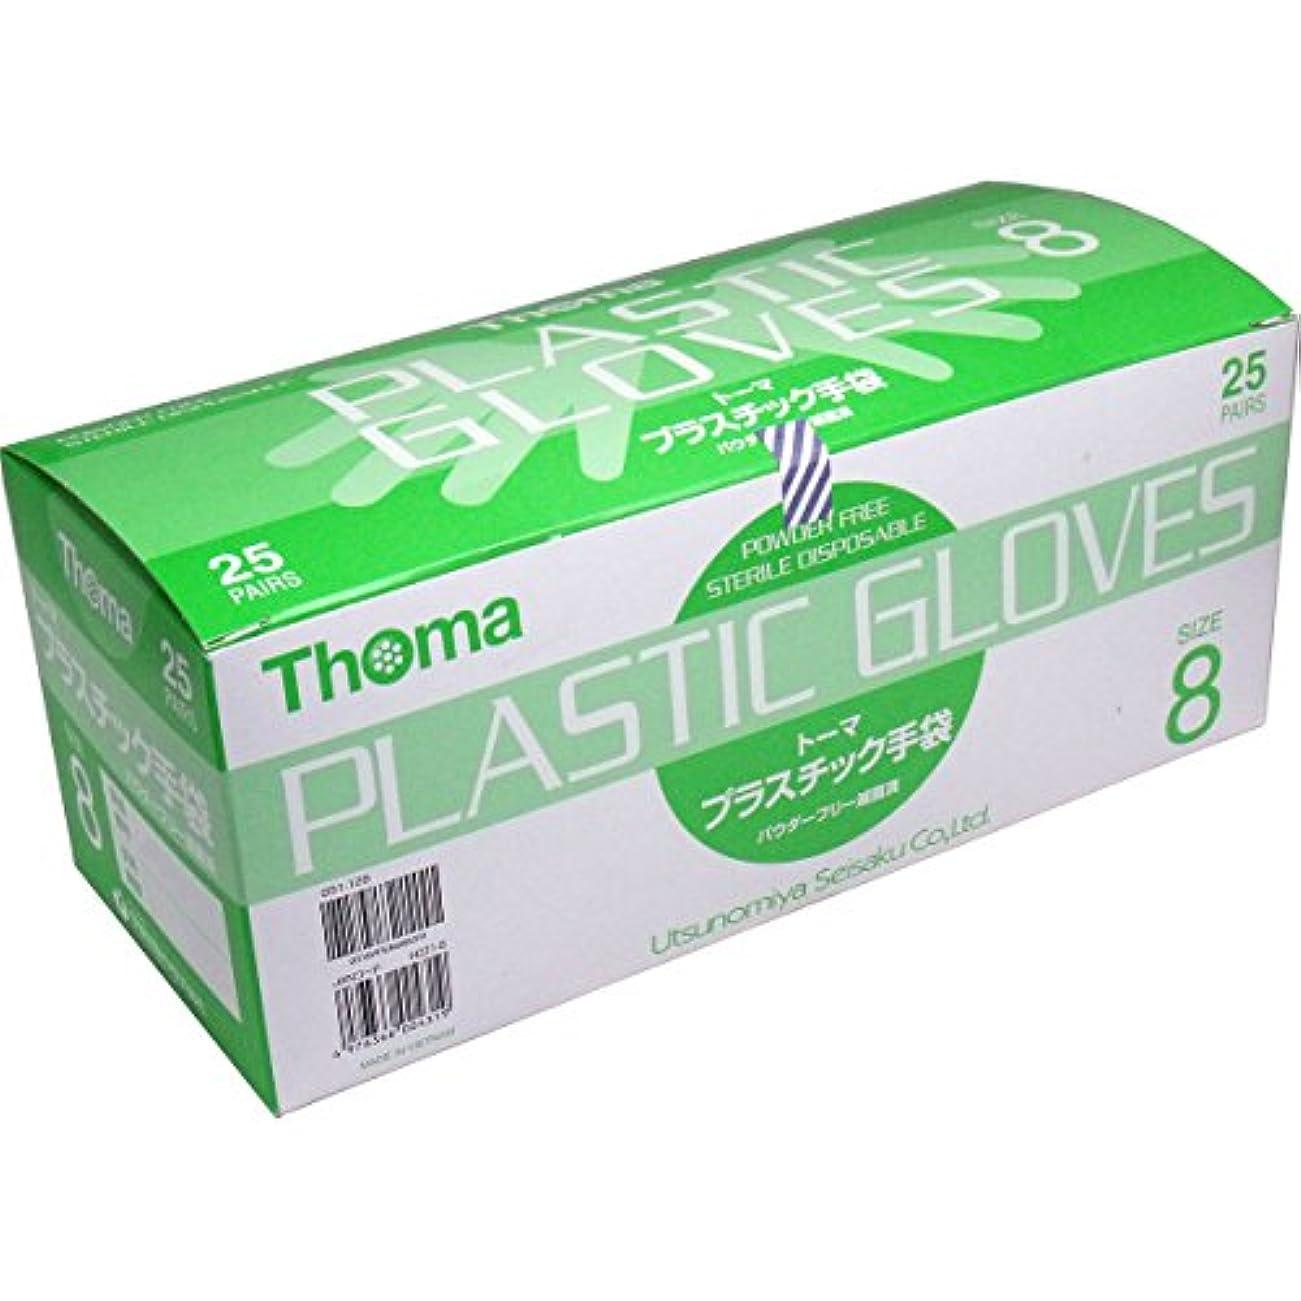 キャッチ識別する悪性ポリ塩化ビニル製 手袋 1双毎に滅菌包装、衛生的 人気商品 トーマ プラスチック手袋 パウダーフリー滅菌済 25双入 サイズ8